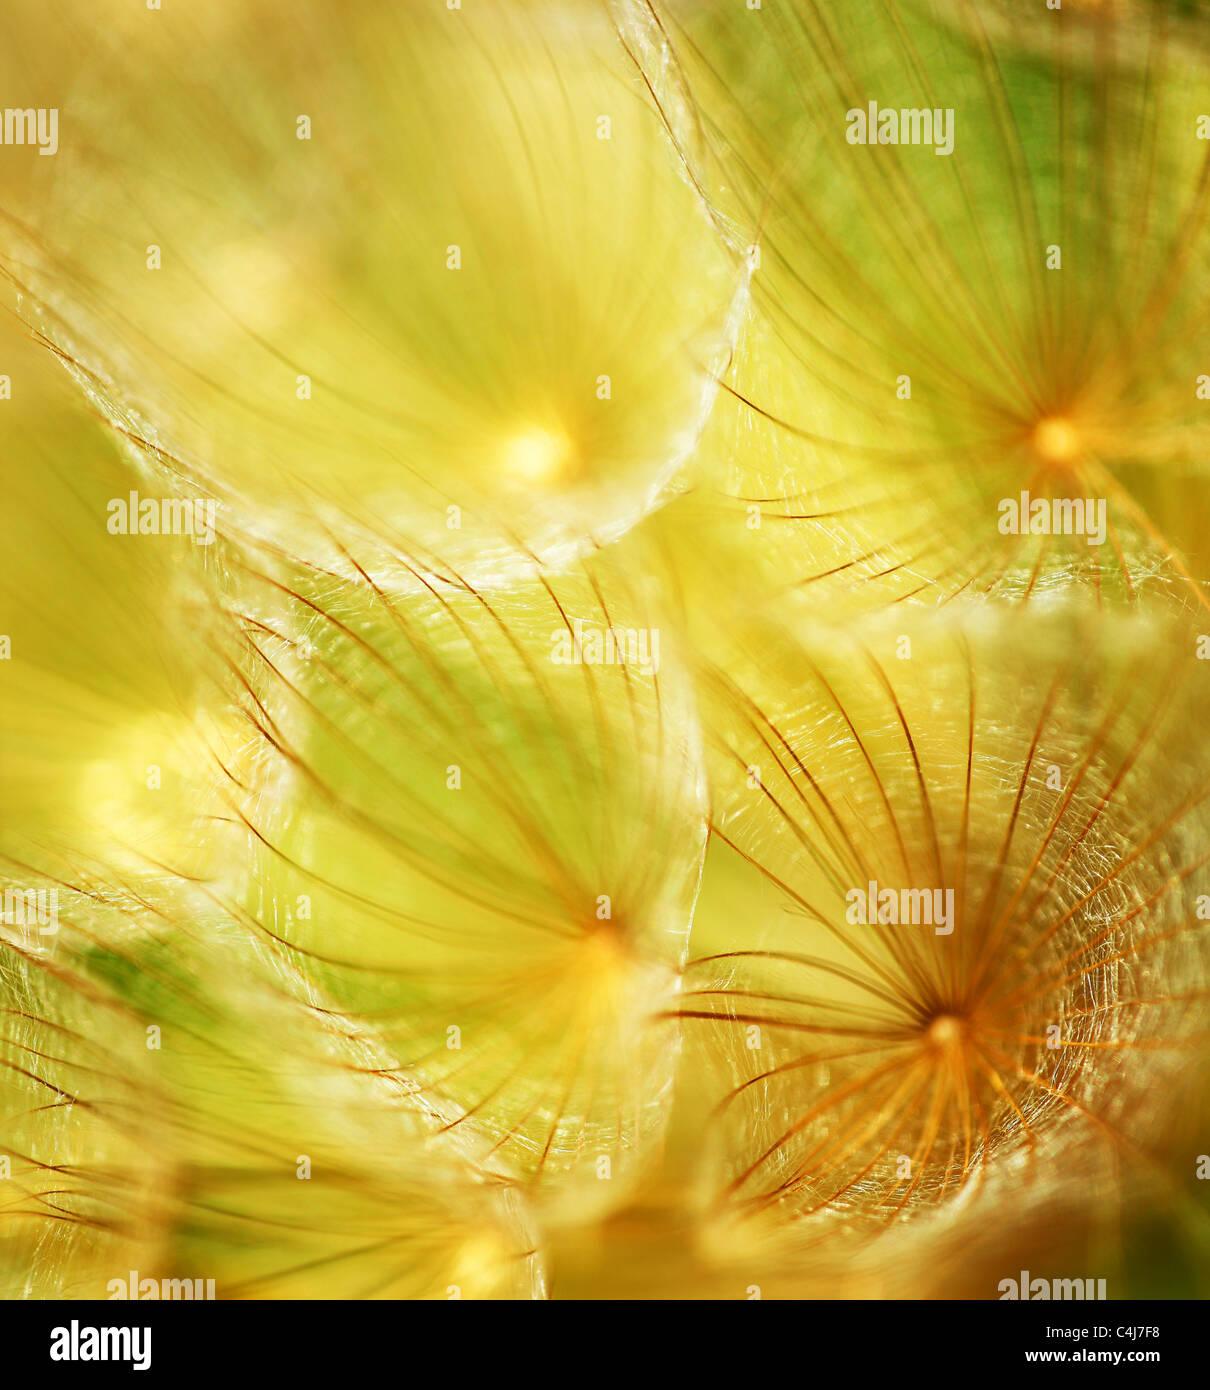 Morbido fiore di tarassaco, extreme closeup, abstract molla sullo sfondo della natura Immagini Stock